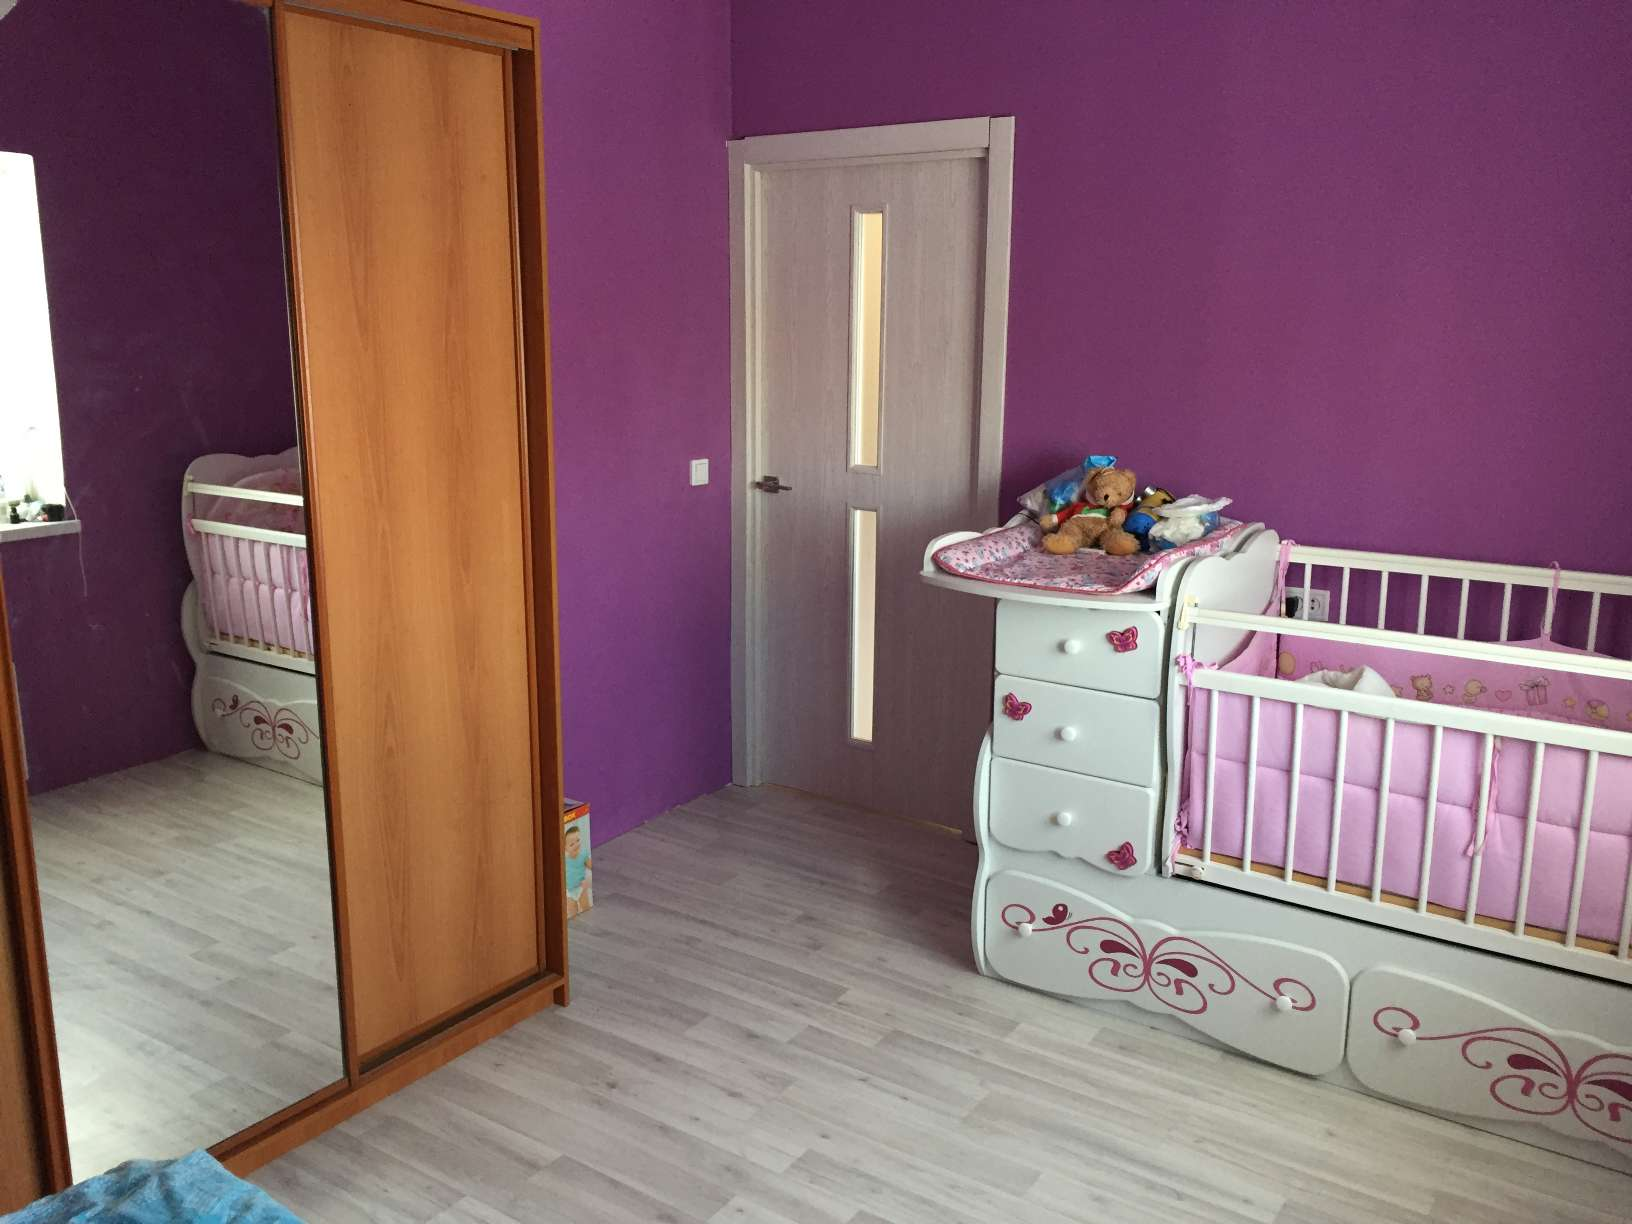 дом полностью жилой, со всеми удобствами, очень теплый, состояние хорошее, ремонту...